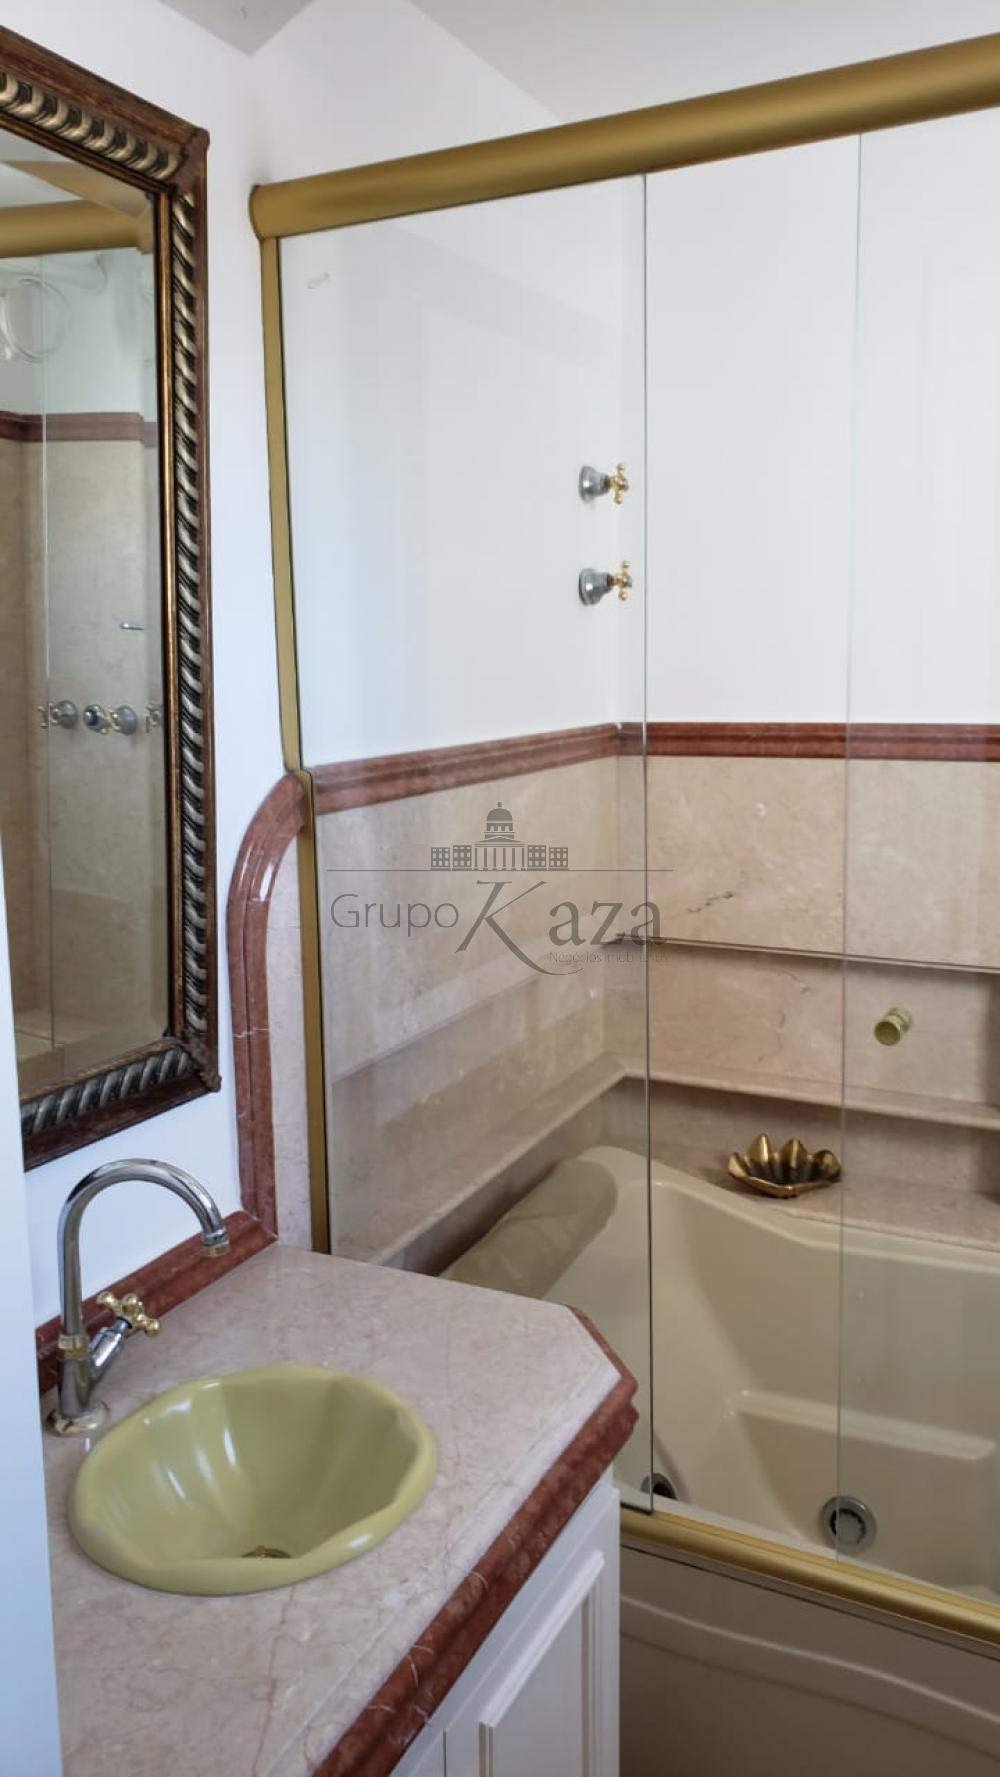 Alugar Apartamento / Padrão em São José dos Campos R$ 1.944,00 - Foto 6